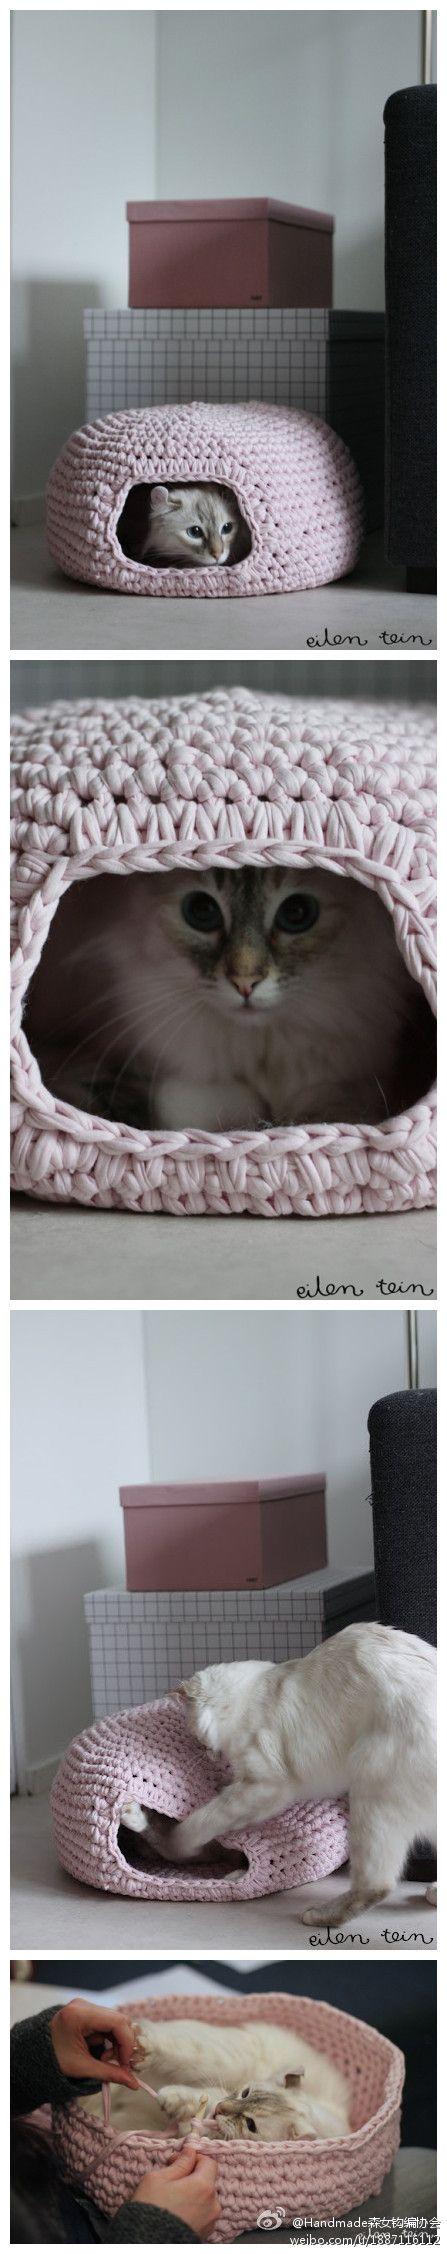 for the kitty cat :) I love this! @Virginia Kraljevic Kraljevic Kraljevic Wall